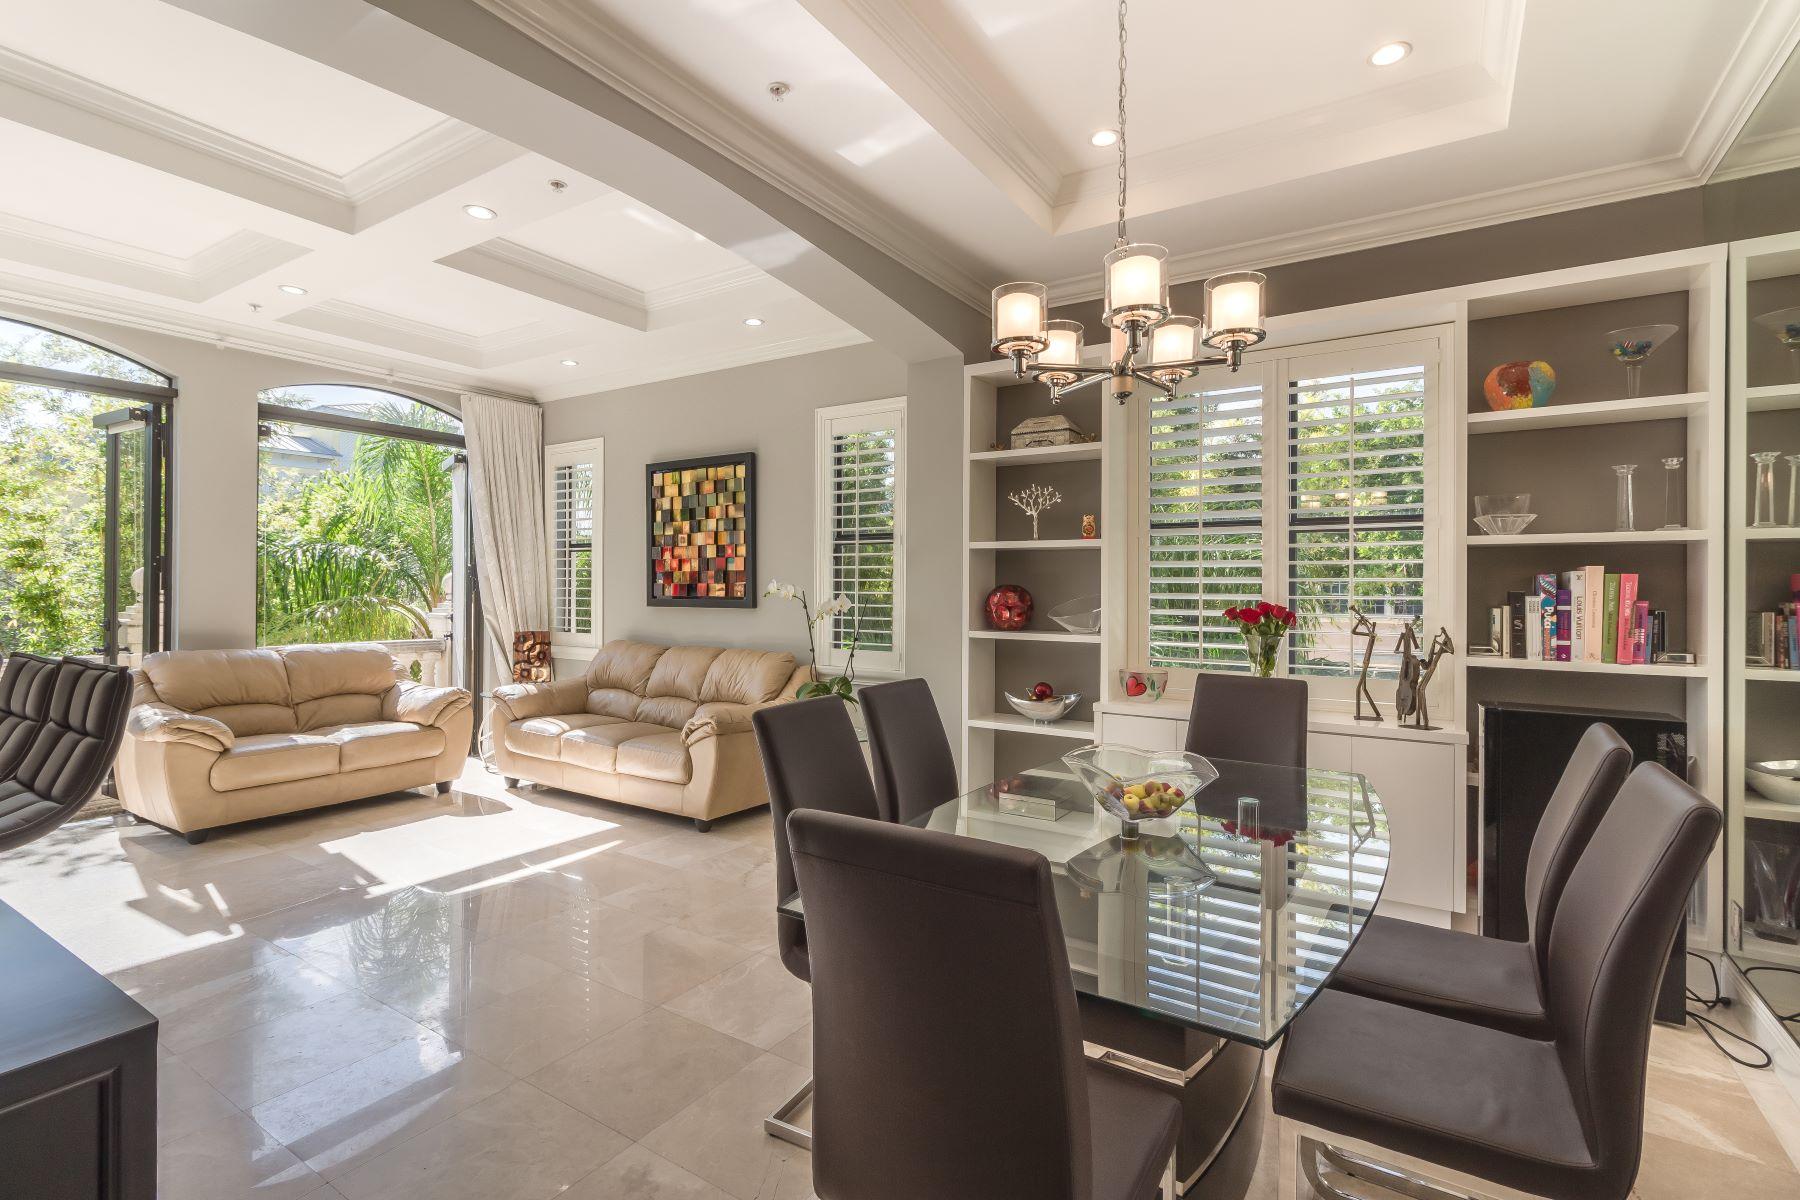 단독 가정 주택 용 매매 에 1503 Ne 2nd St 1503 Ne 2nd St 1503, Fort Lauderdale, 플로리다, 33301 미국